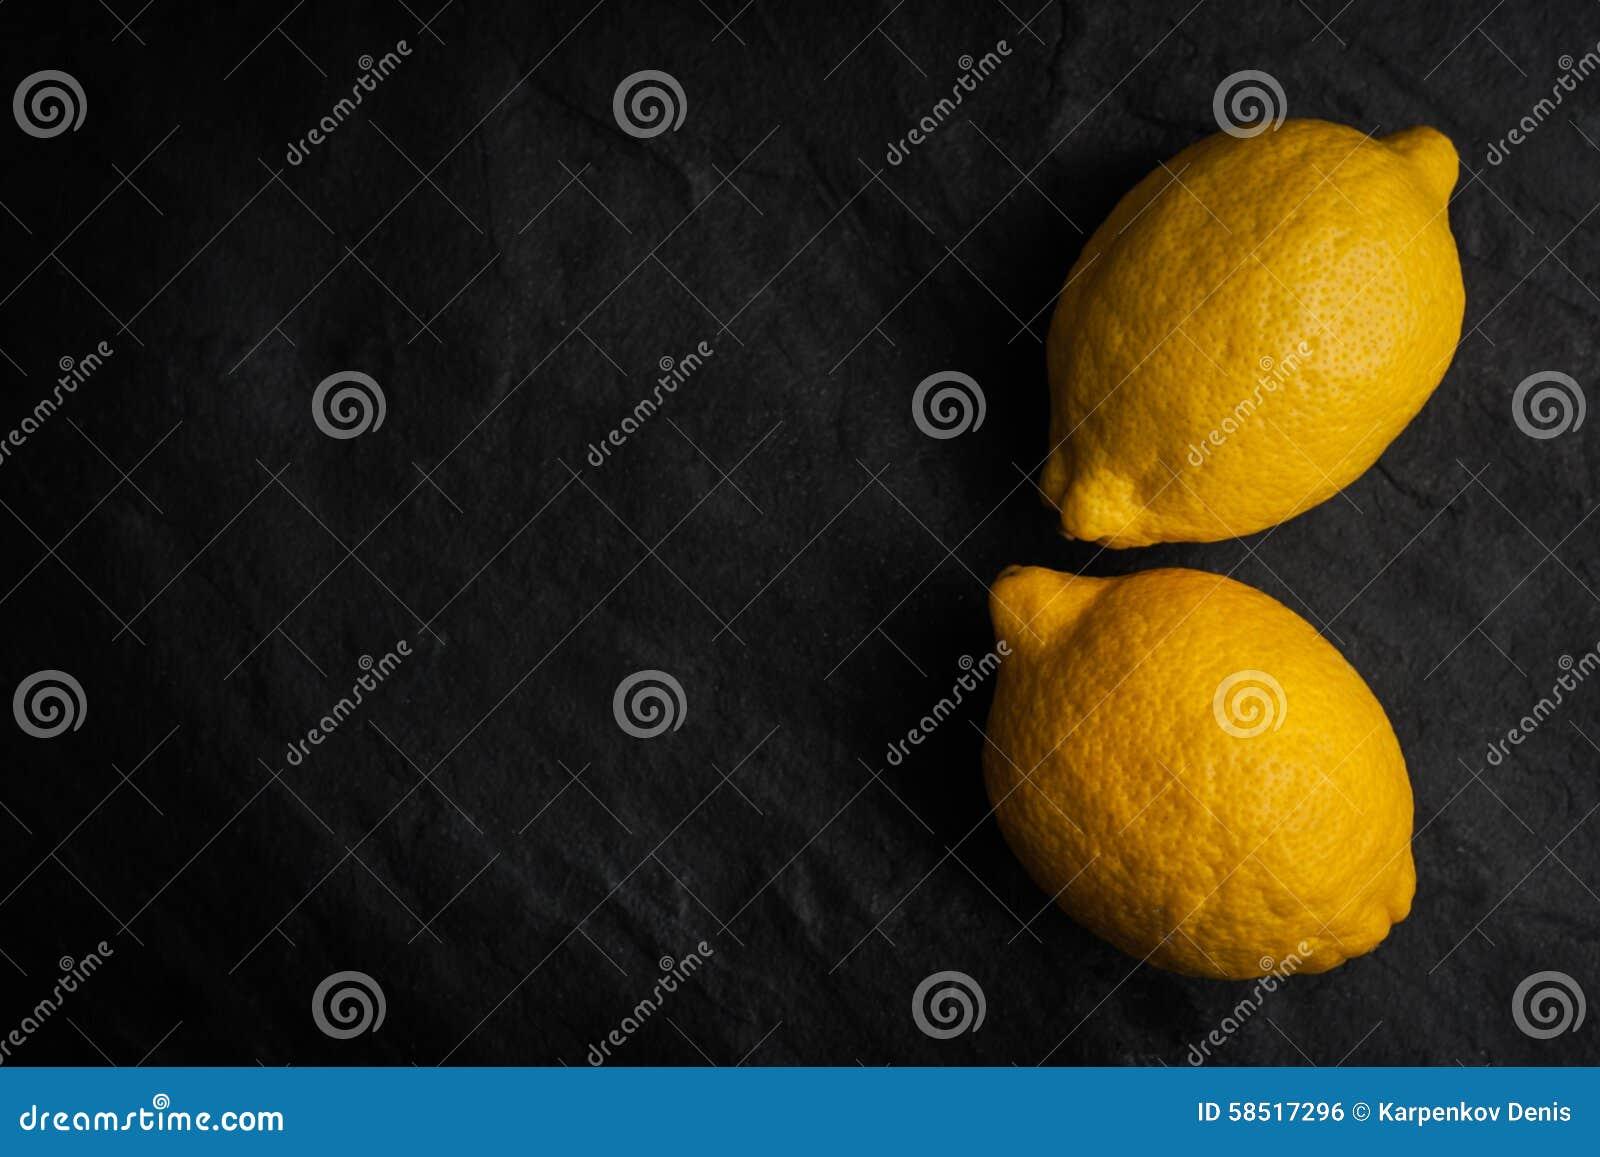 Желтые лимоны на черной каменной таблице горизонтальной